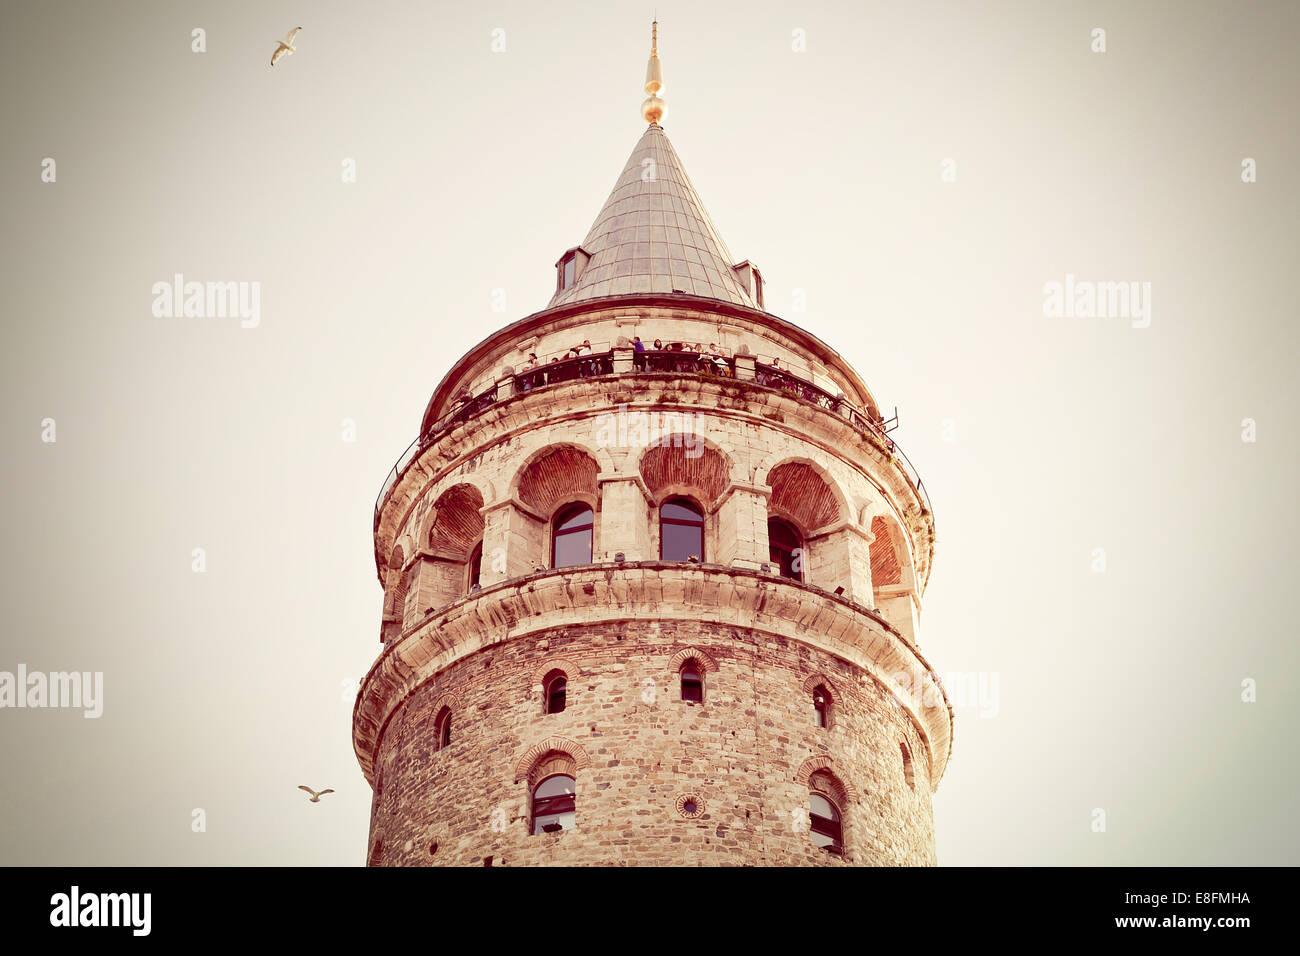 Turchia, Istanbul, basso angolo vista della Torre di Galata Immagini Stock